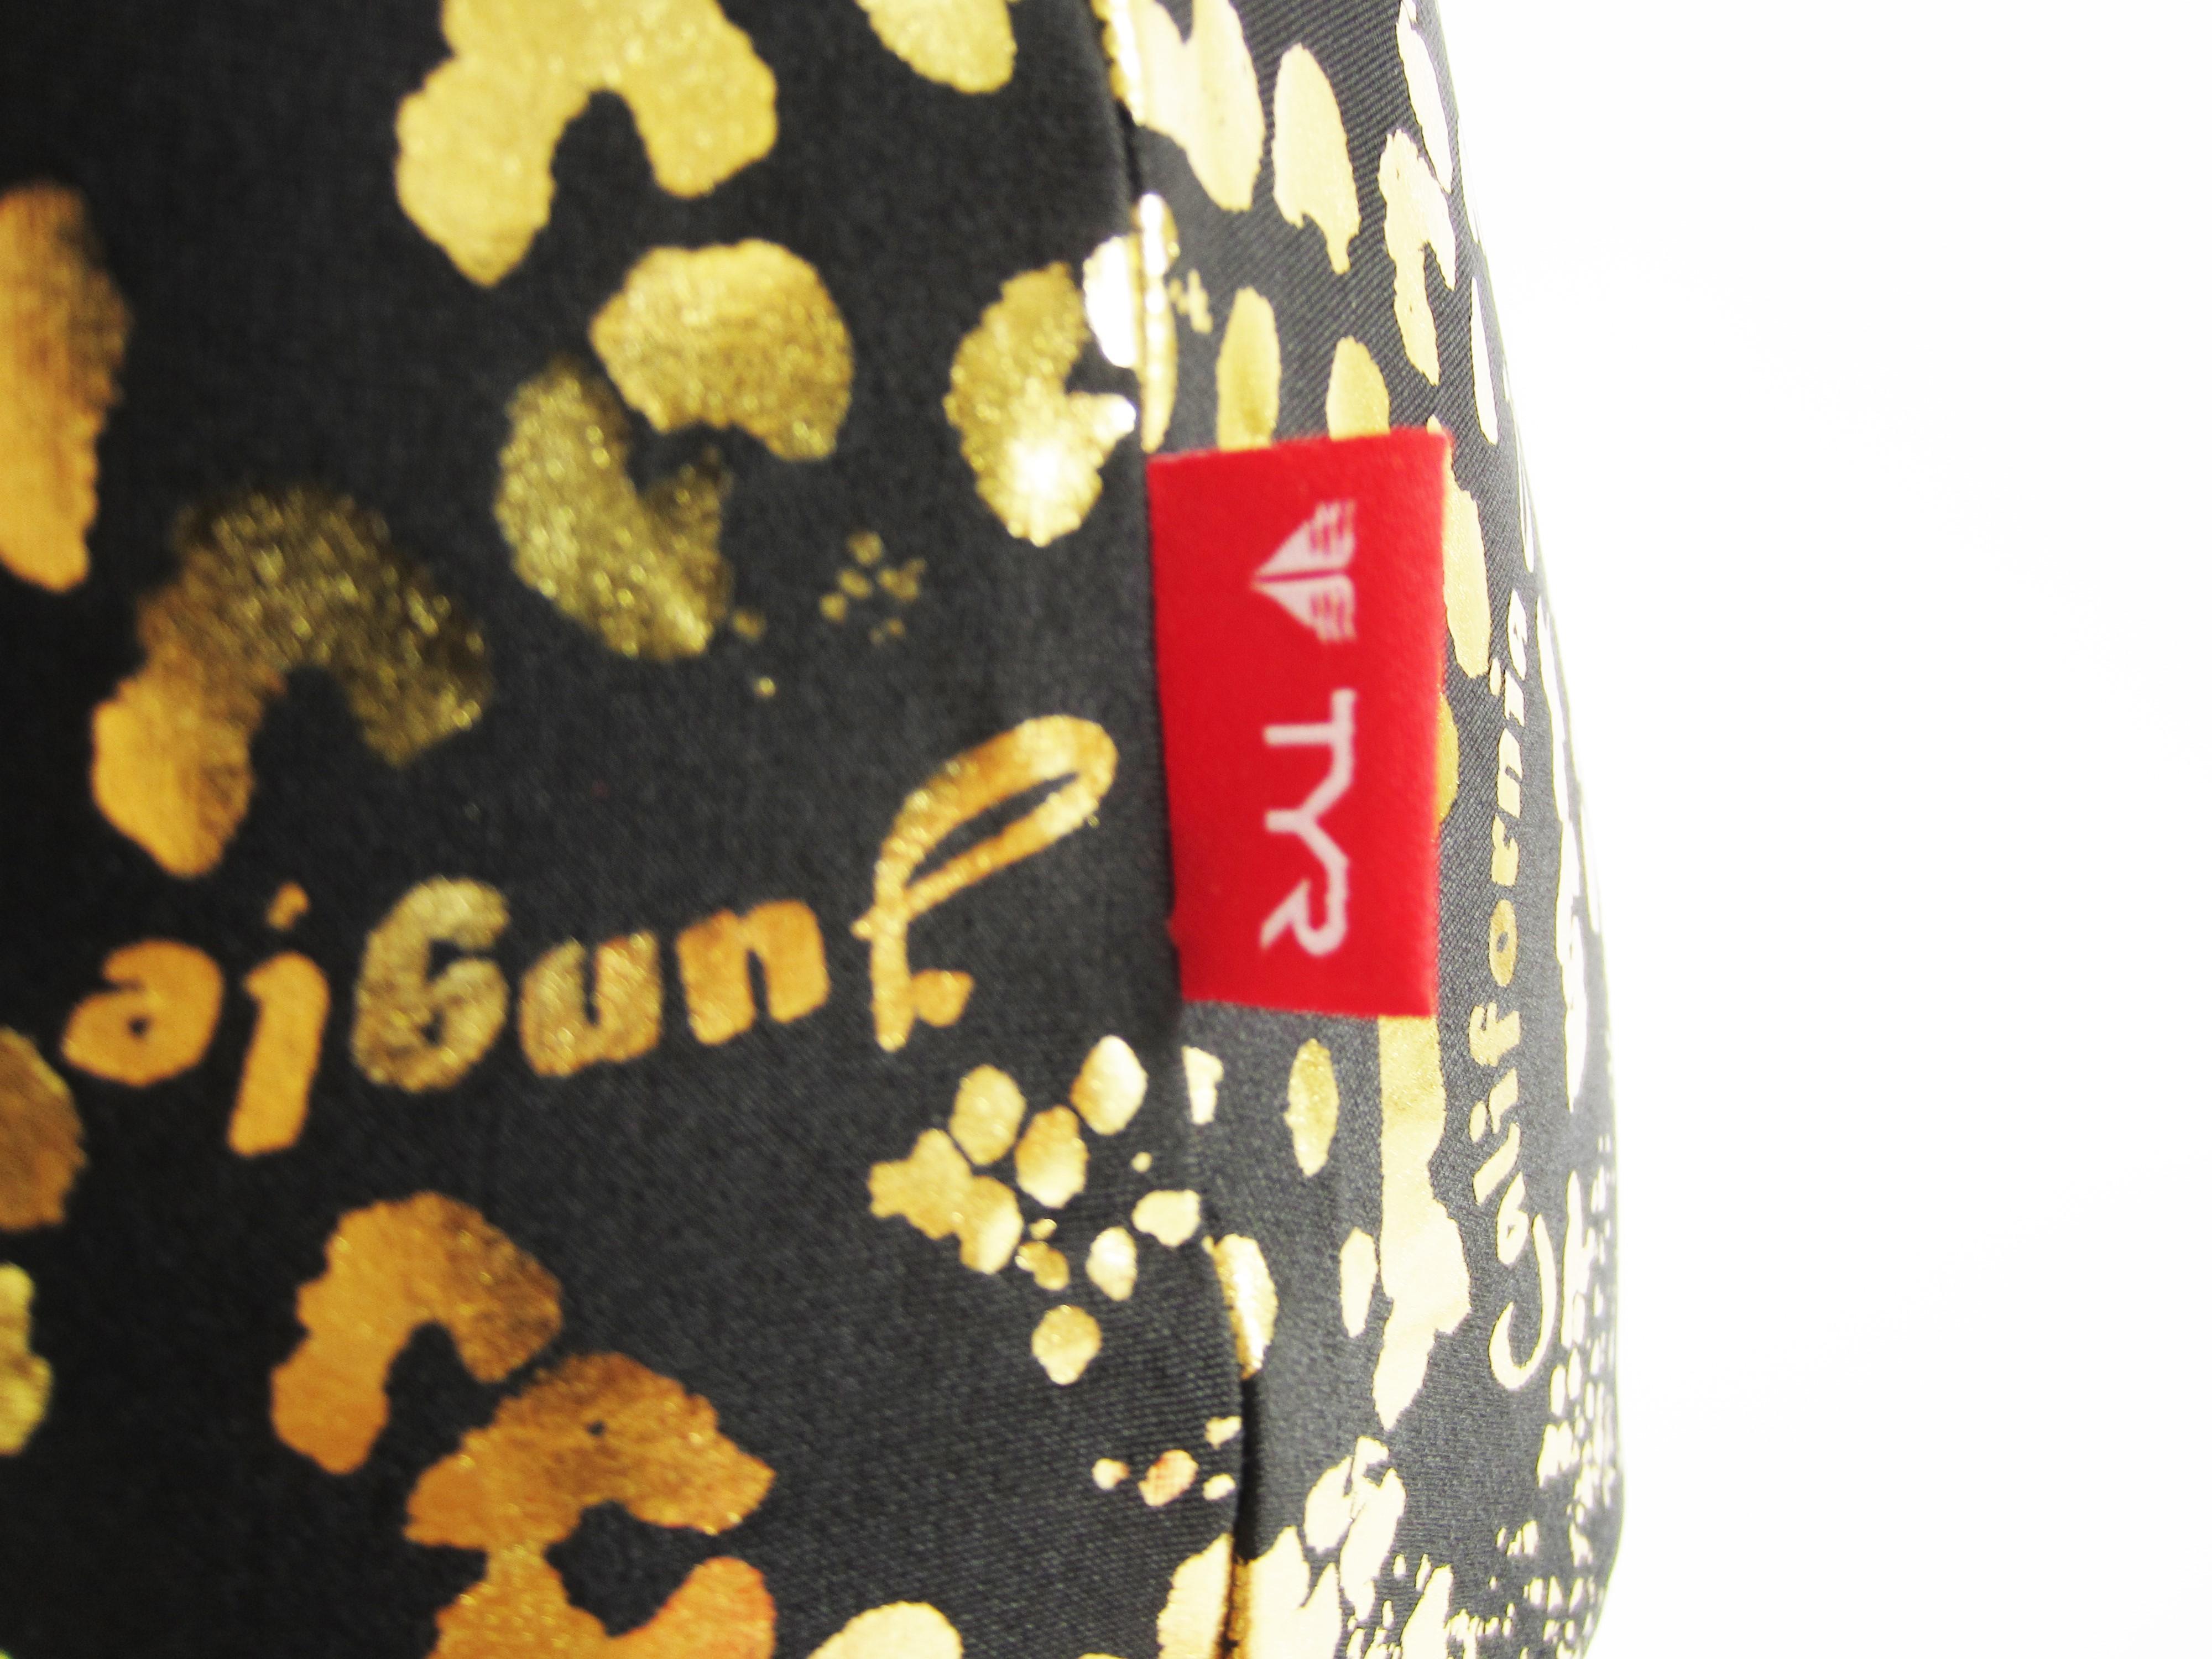 別注 TYR(ティア) ブラック × ゴールド クロコダイル柄 スクール水着(スク水) 「スイムショプイノウエ限定」